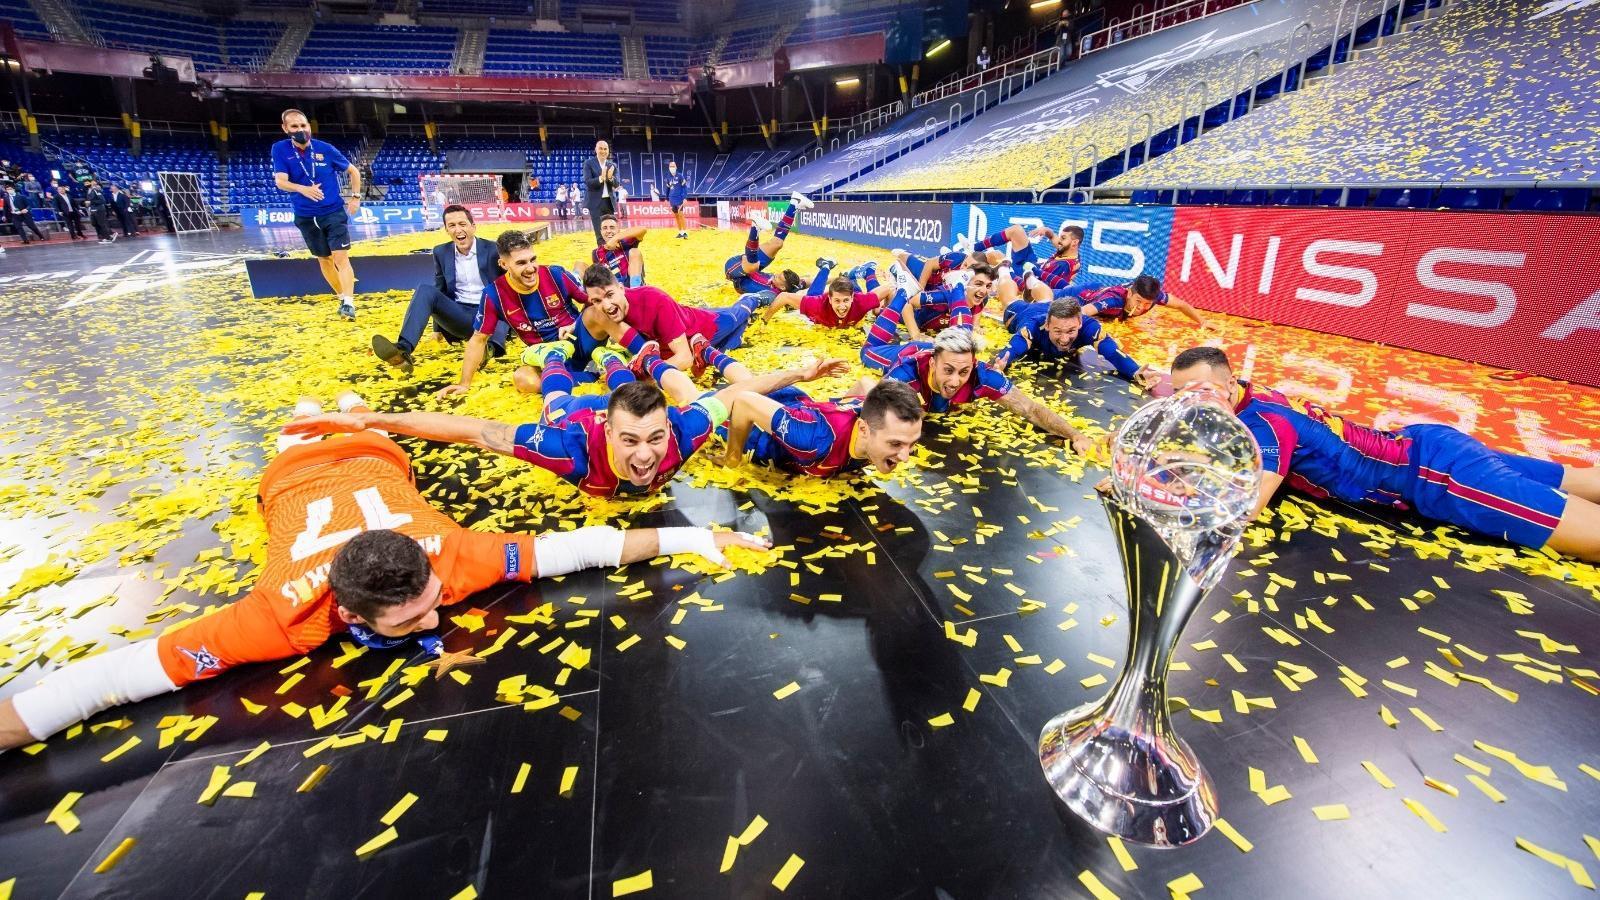 El Barça conquereix Europa al Palau